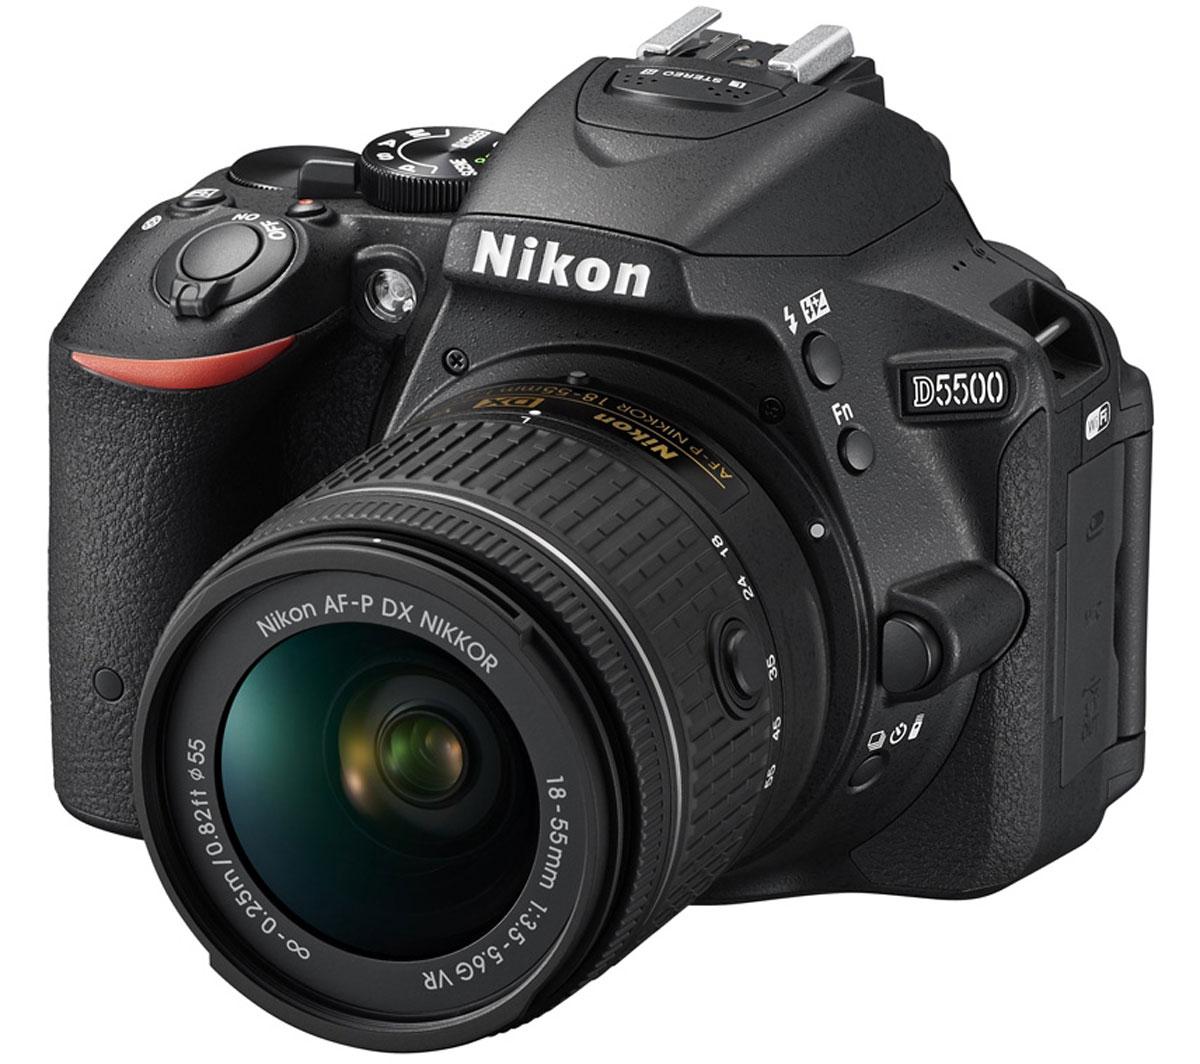 Nikon D5500 Kit 18-55 VR, Black цифровая зеркальная камераVBA440K006Отобразите красоту окружающего мира на великолепных фотографиях, снятых с помощью фотокамеры D5500. Эта легкая и компактная, но в то же время очень мощная цифровая зеркальная фотокамера с удобным и понятным сенсорным управлением позволяет совершенствоваться в искусстве фотографии. Забудьте о смазанных фотографиях и создавайте яркие детализированные изображения, которые всегда будут в центре внимания. Достигайте непревзойденных результатов даже при съемке быстро движущихся объектов или в условиях недостаточной освещенности. Создавайте фотографии и видеоролики отличного качества даже при недостаточном освещении. Благодаря широкому диапазону чувствительности ISO (100-25 600 единиц) изображения получаются как никогда яркими и детализированными. С мощной 24,2-мегапиксельной матрицей вы поразите друзей снимками с высоким уровнем детализации. Фотокамера D5500 оснащена матрицей с разрешением 24,2-мегапикселя, в конструкции которой не используется оптический...